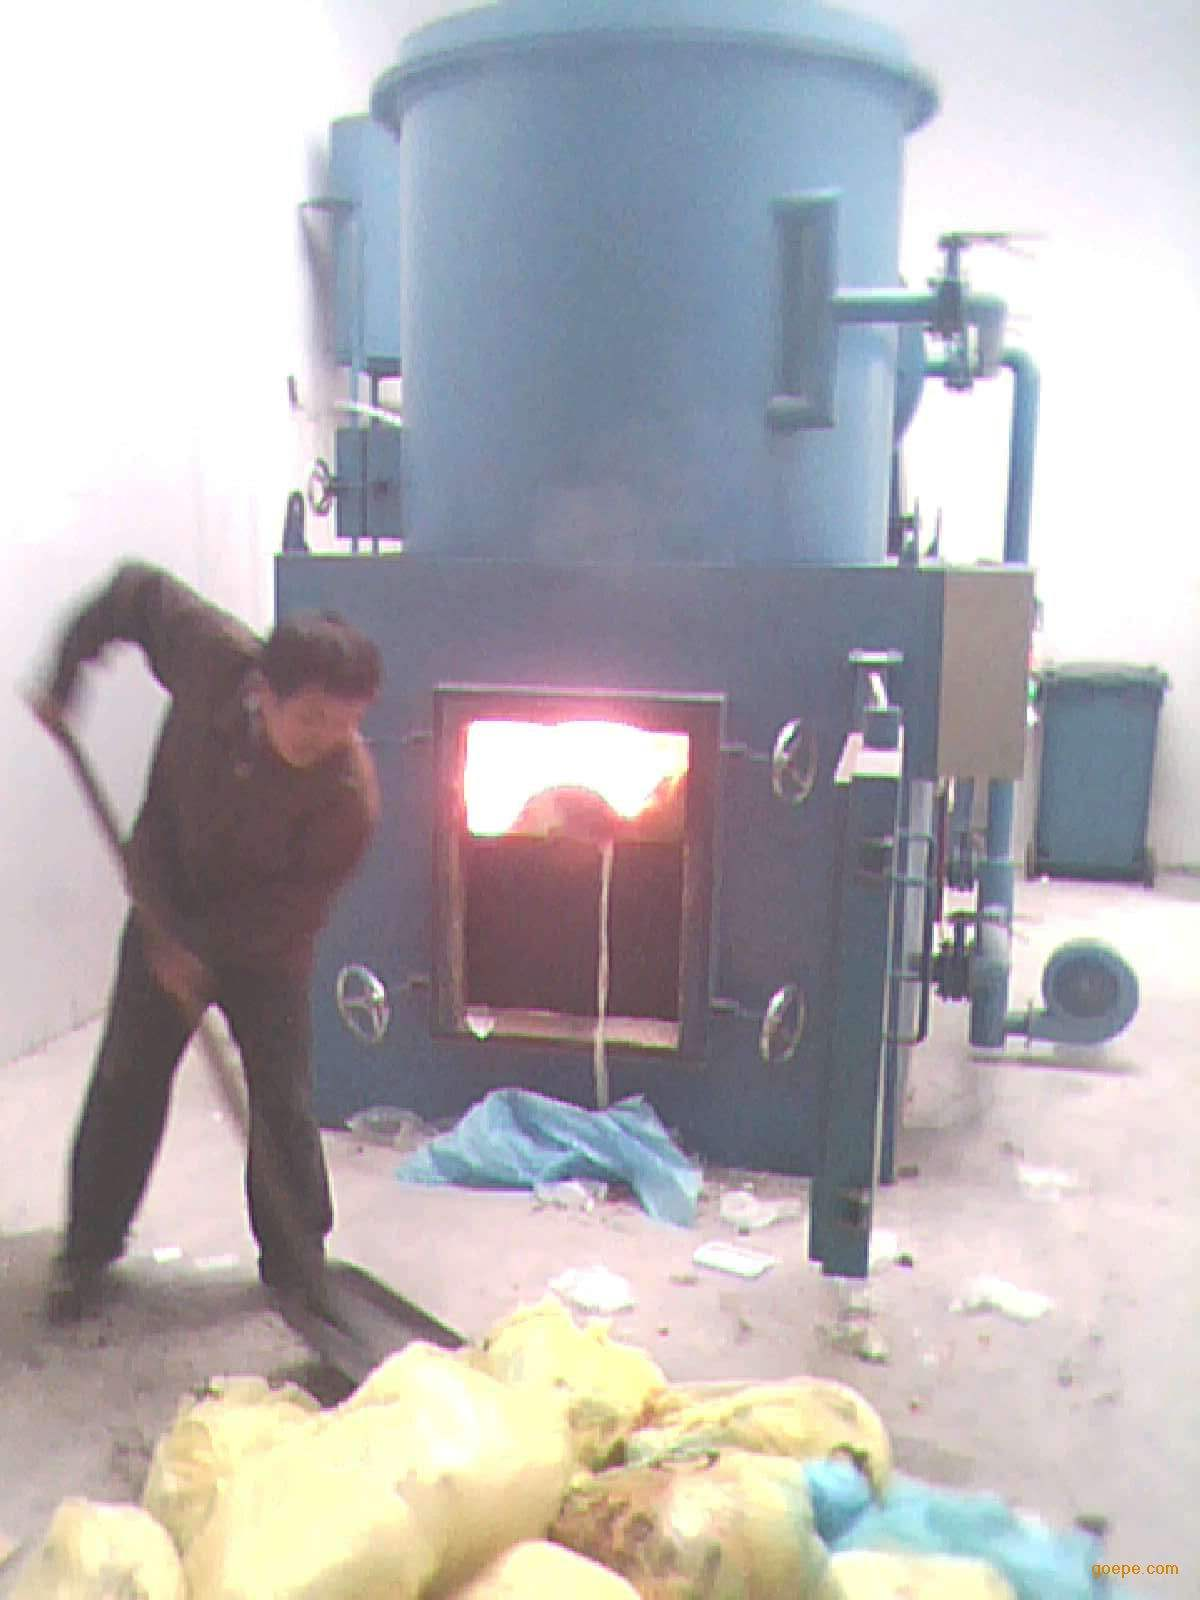 垃圾焚烧炉的工作温度通常不超过1200°C